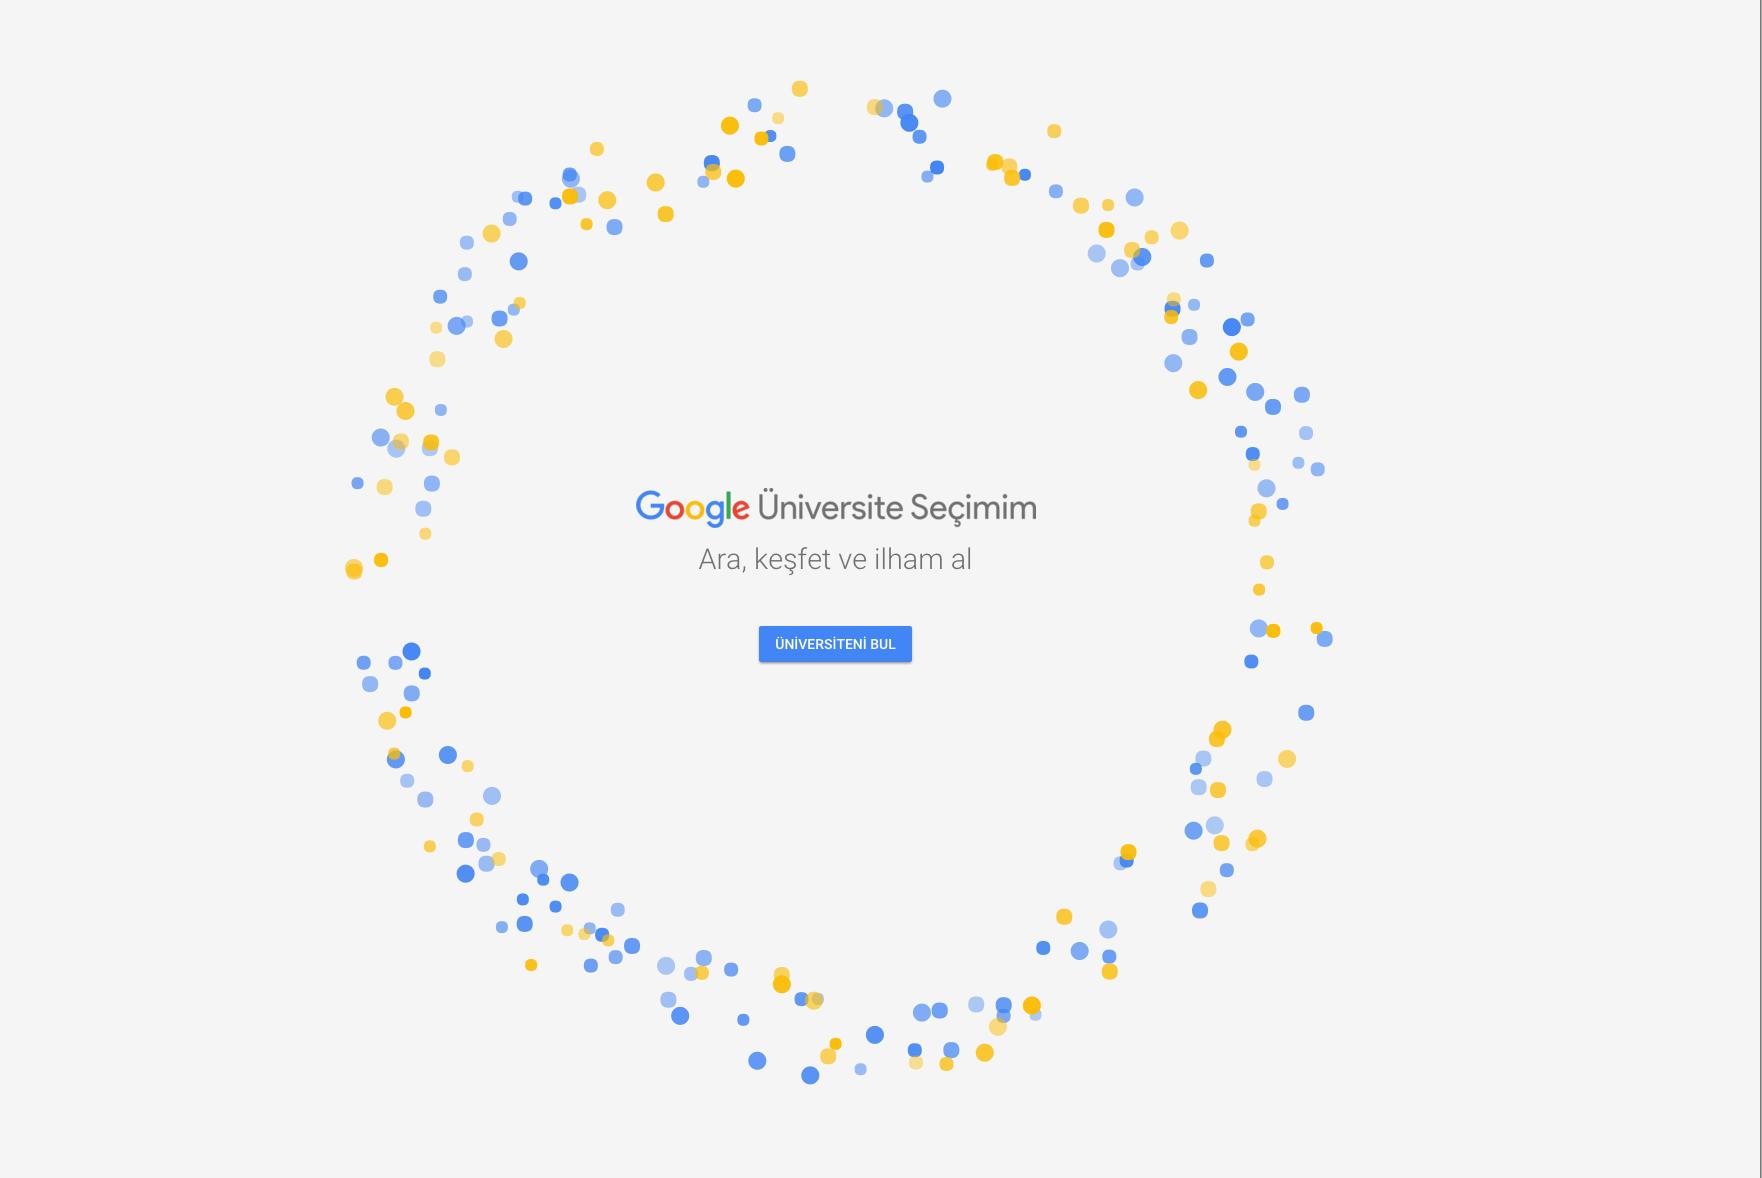 Google bu projeyi sadece Türkiye için yaptı! Adaylar üniversite tercihlerini daha doğru yapacak